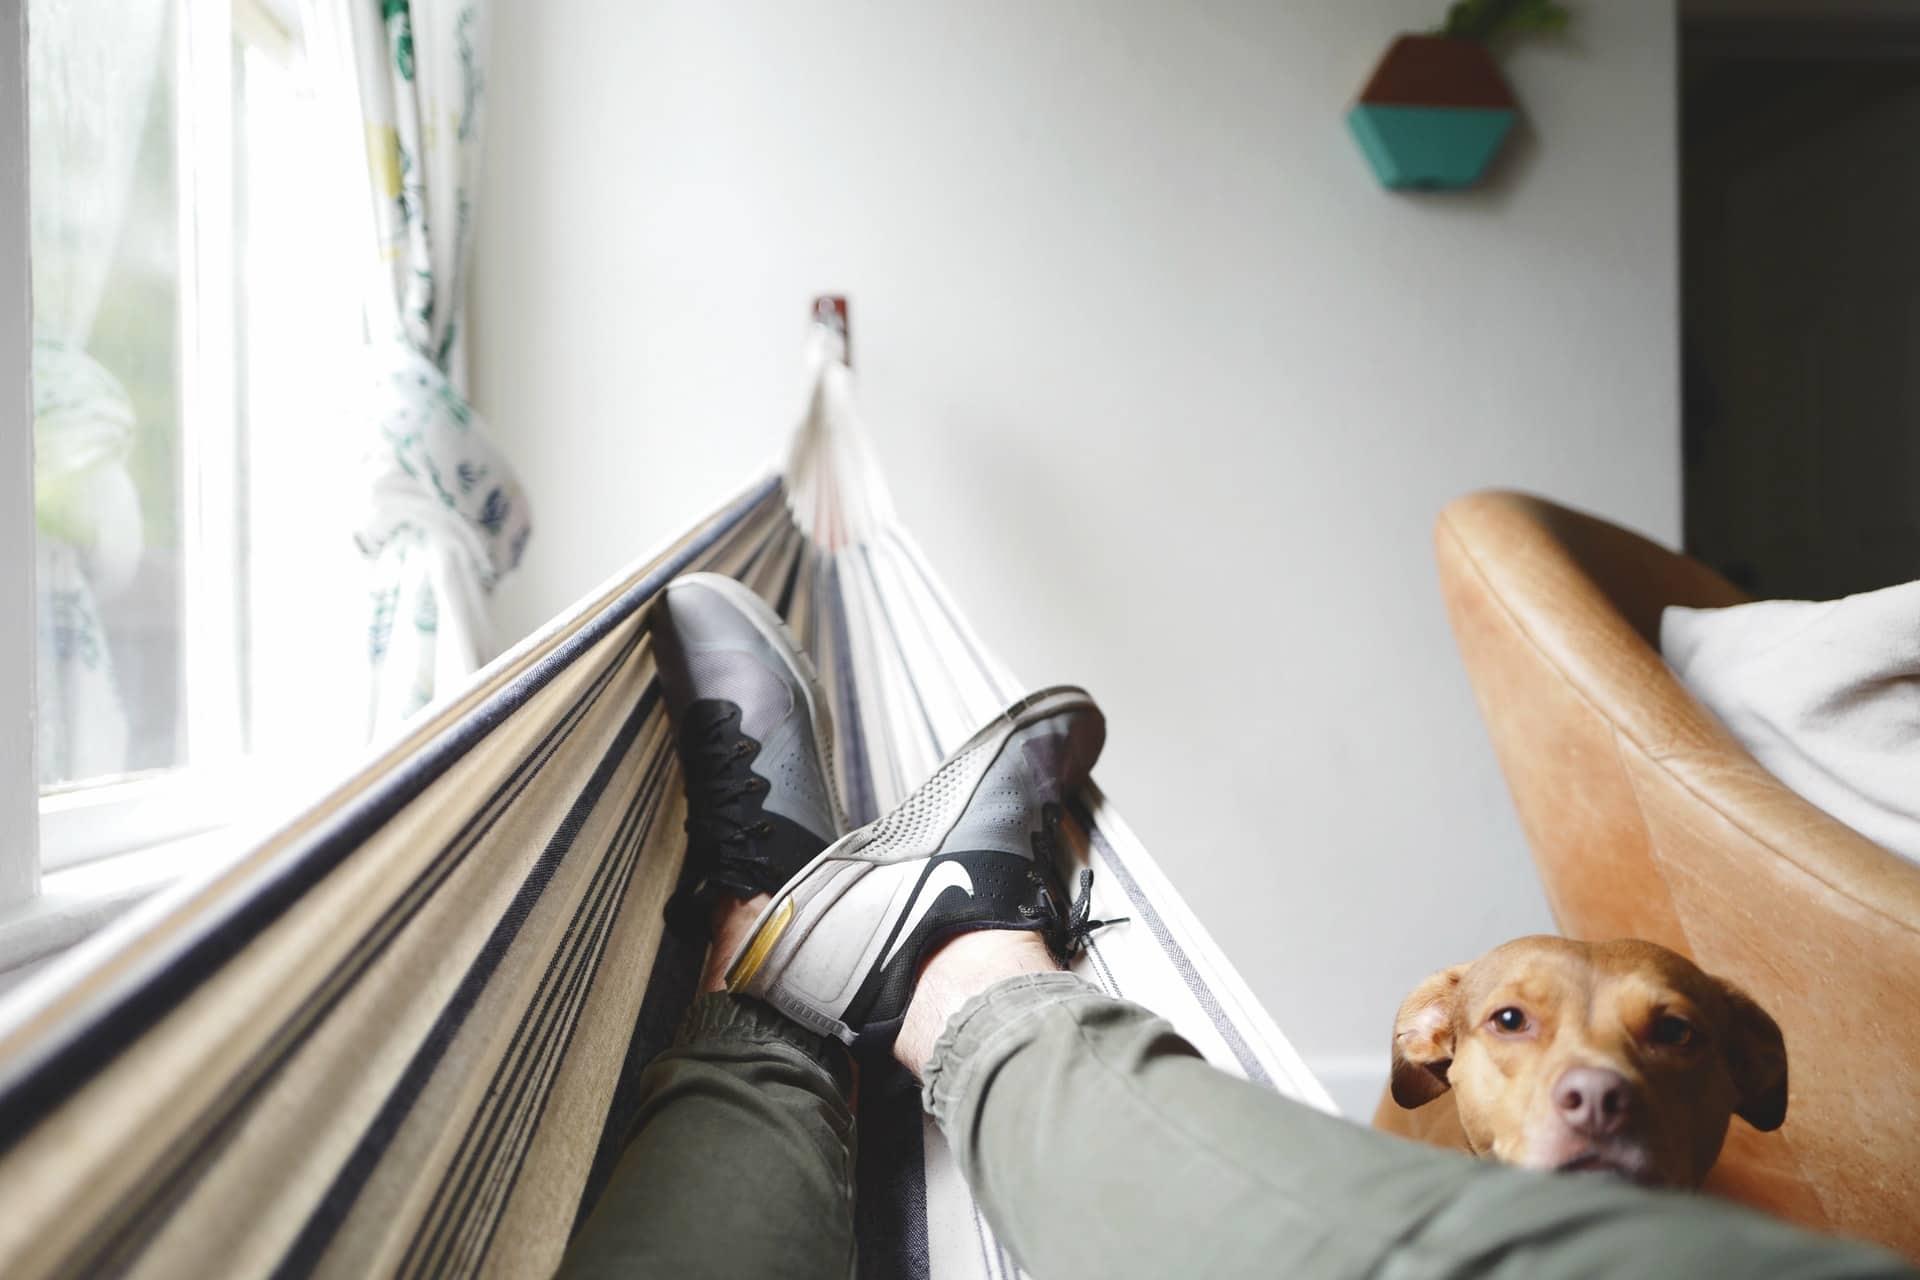 Repos sur un hamac à la maison avec chien et baskets Nike